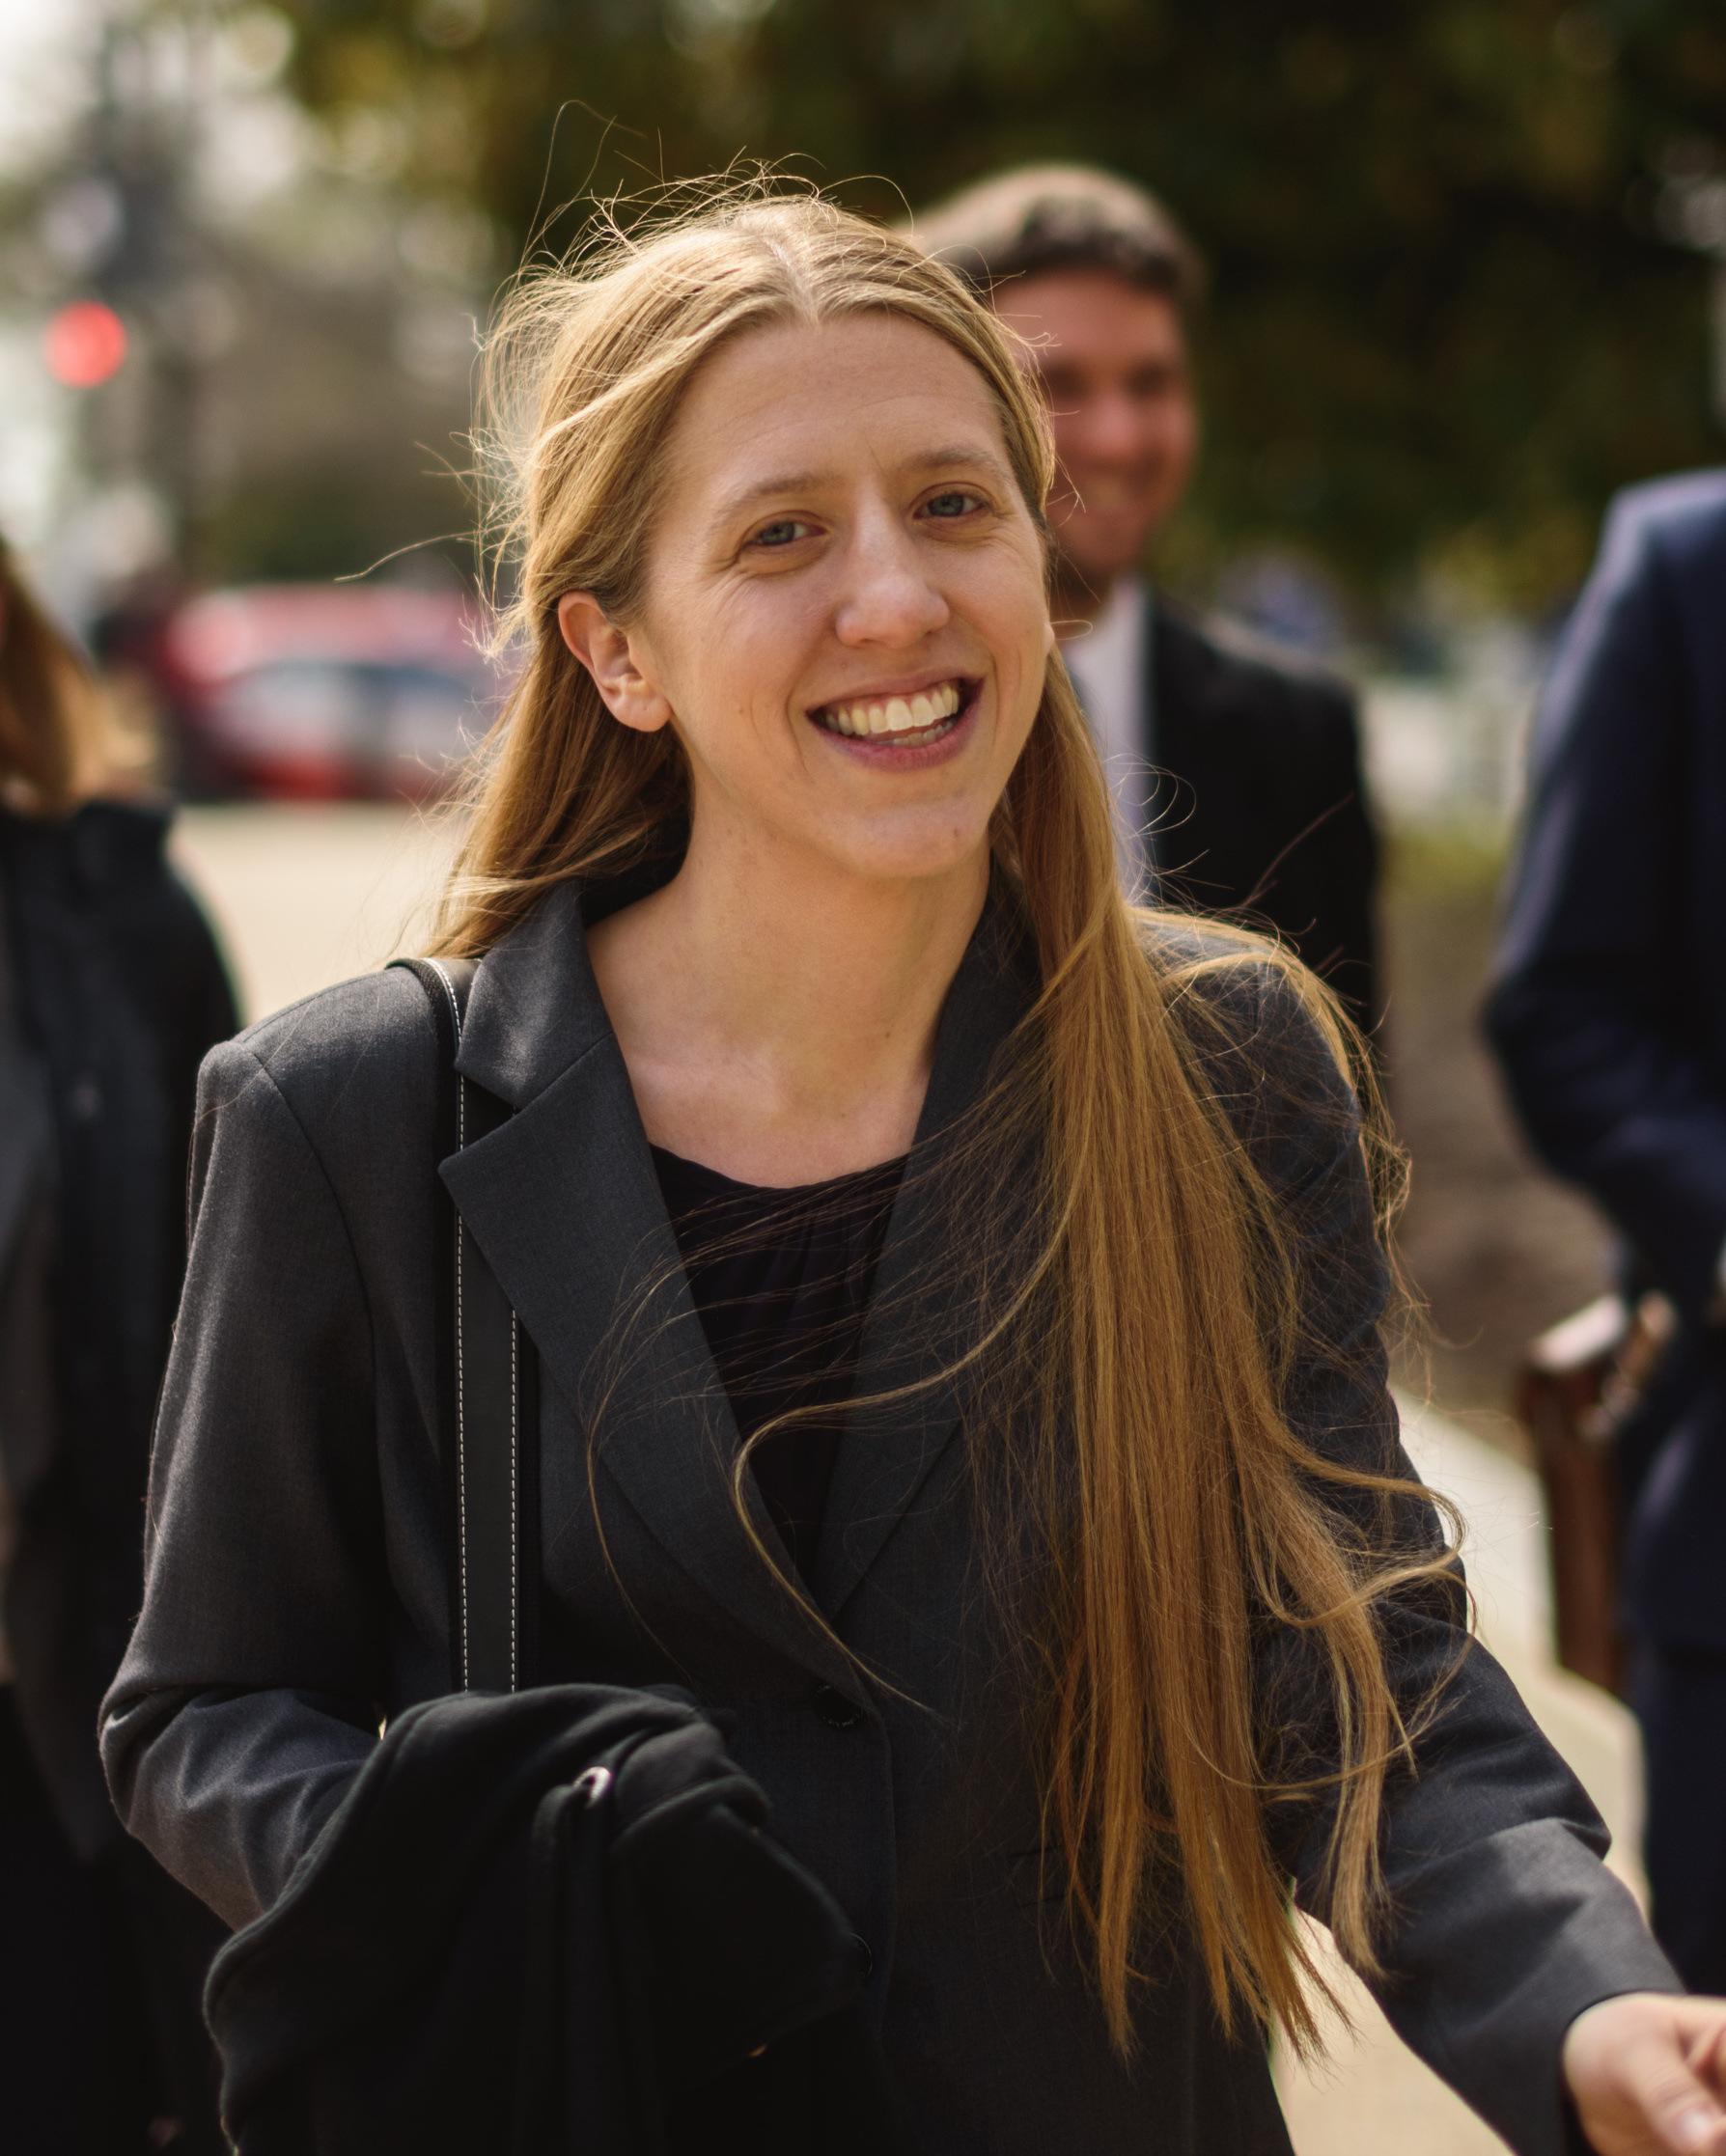 Rebecca Jean Gilsdorf, 31, ausgebildete Umweltingenieurin, arbeitet derzeit als Weltbank-Expertin für Wasser- und Sanitärsysteme in der Demokratischen Republik Kongo. Dem Greenpeace Magazin hat sie erzählt, was sie an Toiletten so fasziniert